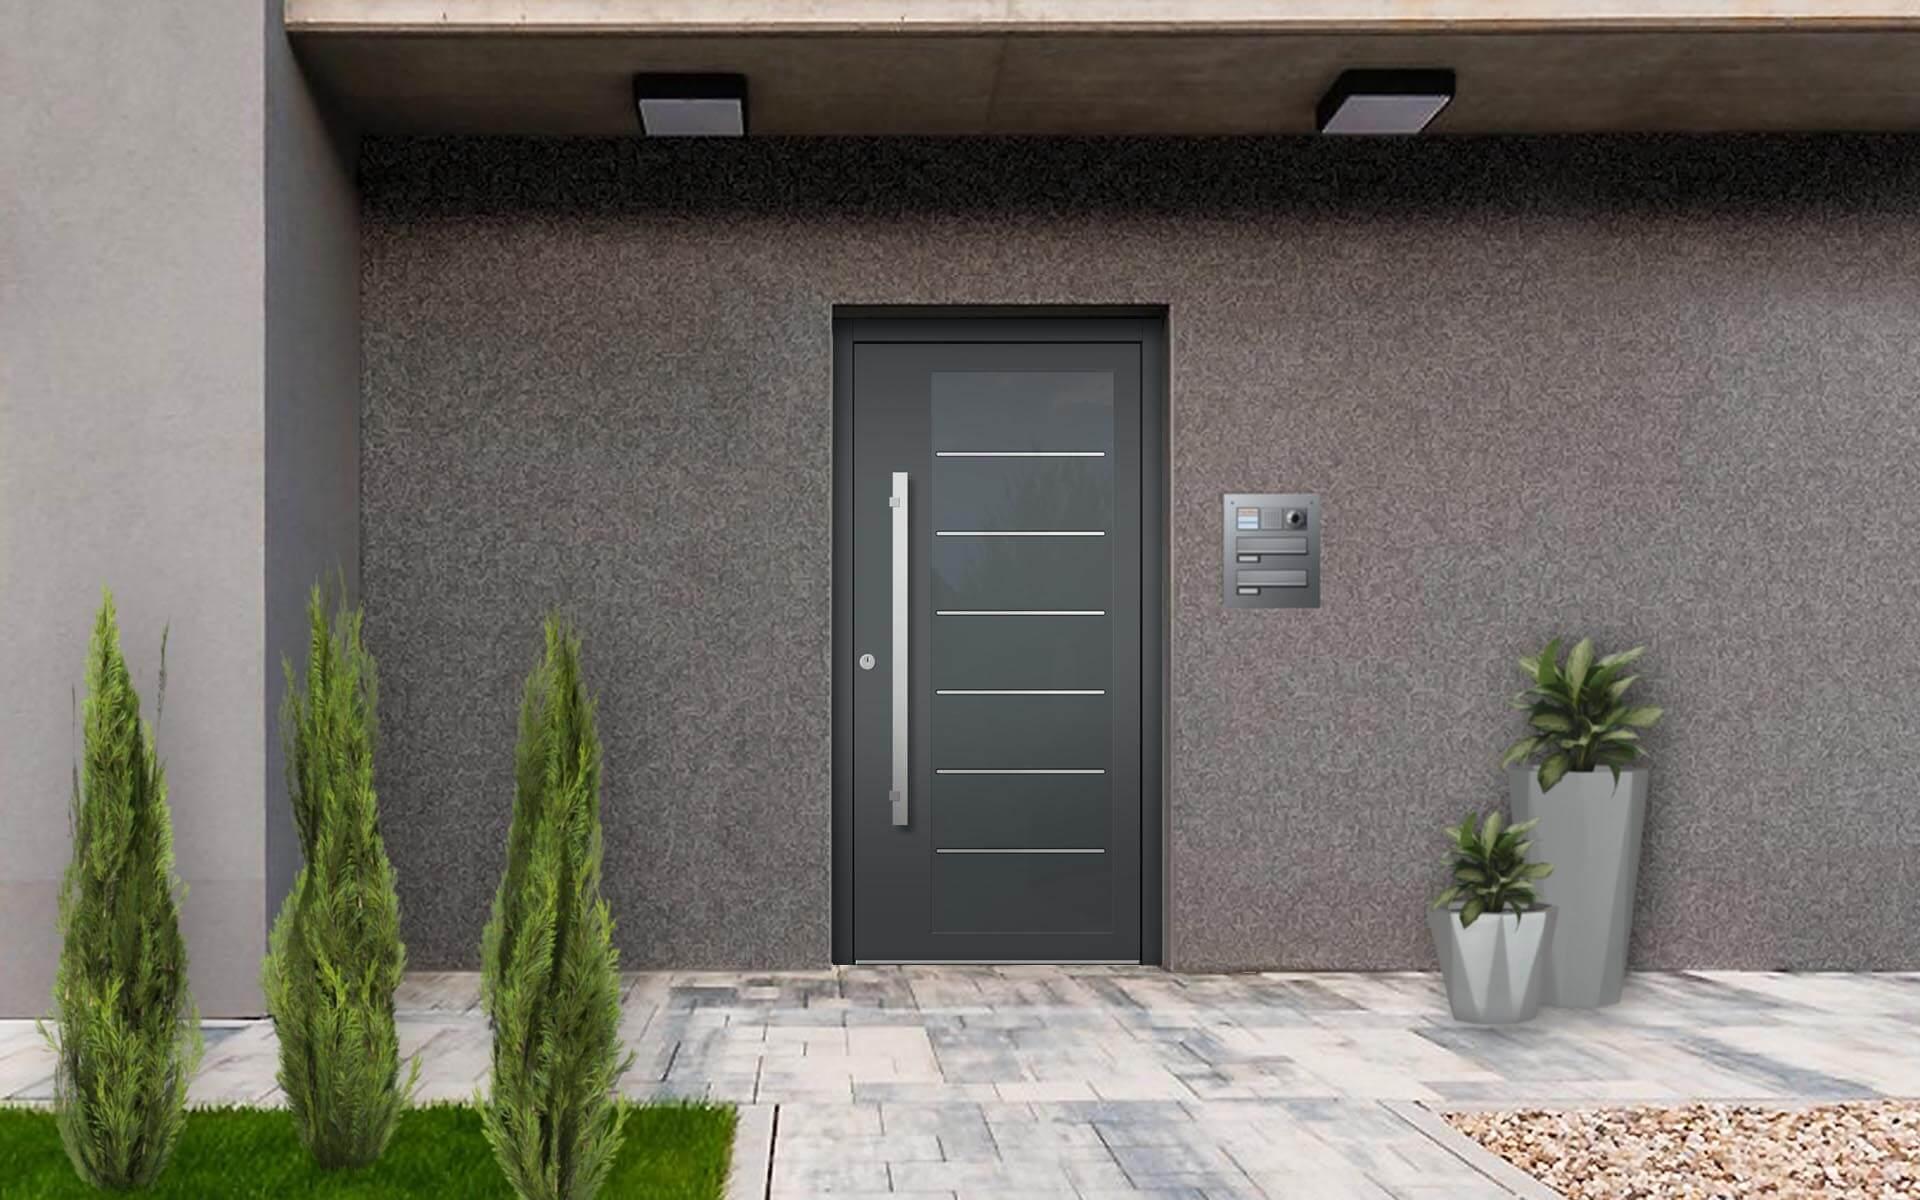 Vchodové hliníkové dvere do domu s odolnou výplňou s dilatačným jadrom s prekrtým krídlom